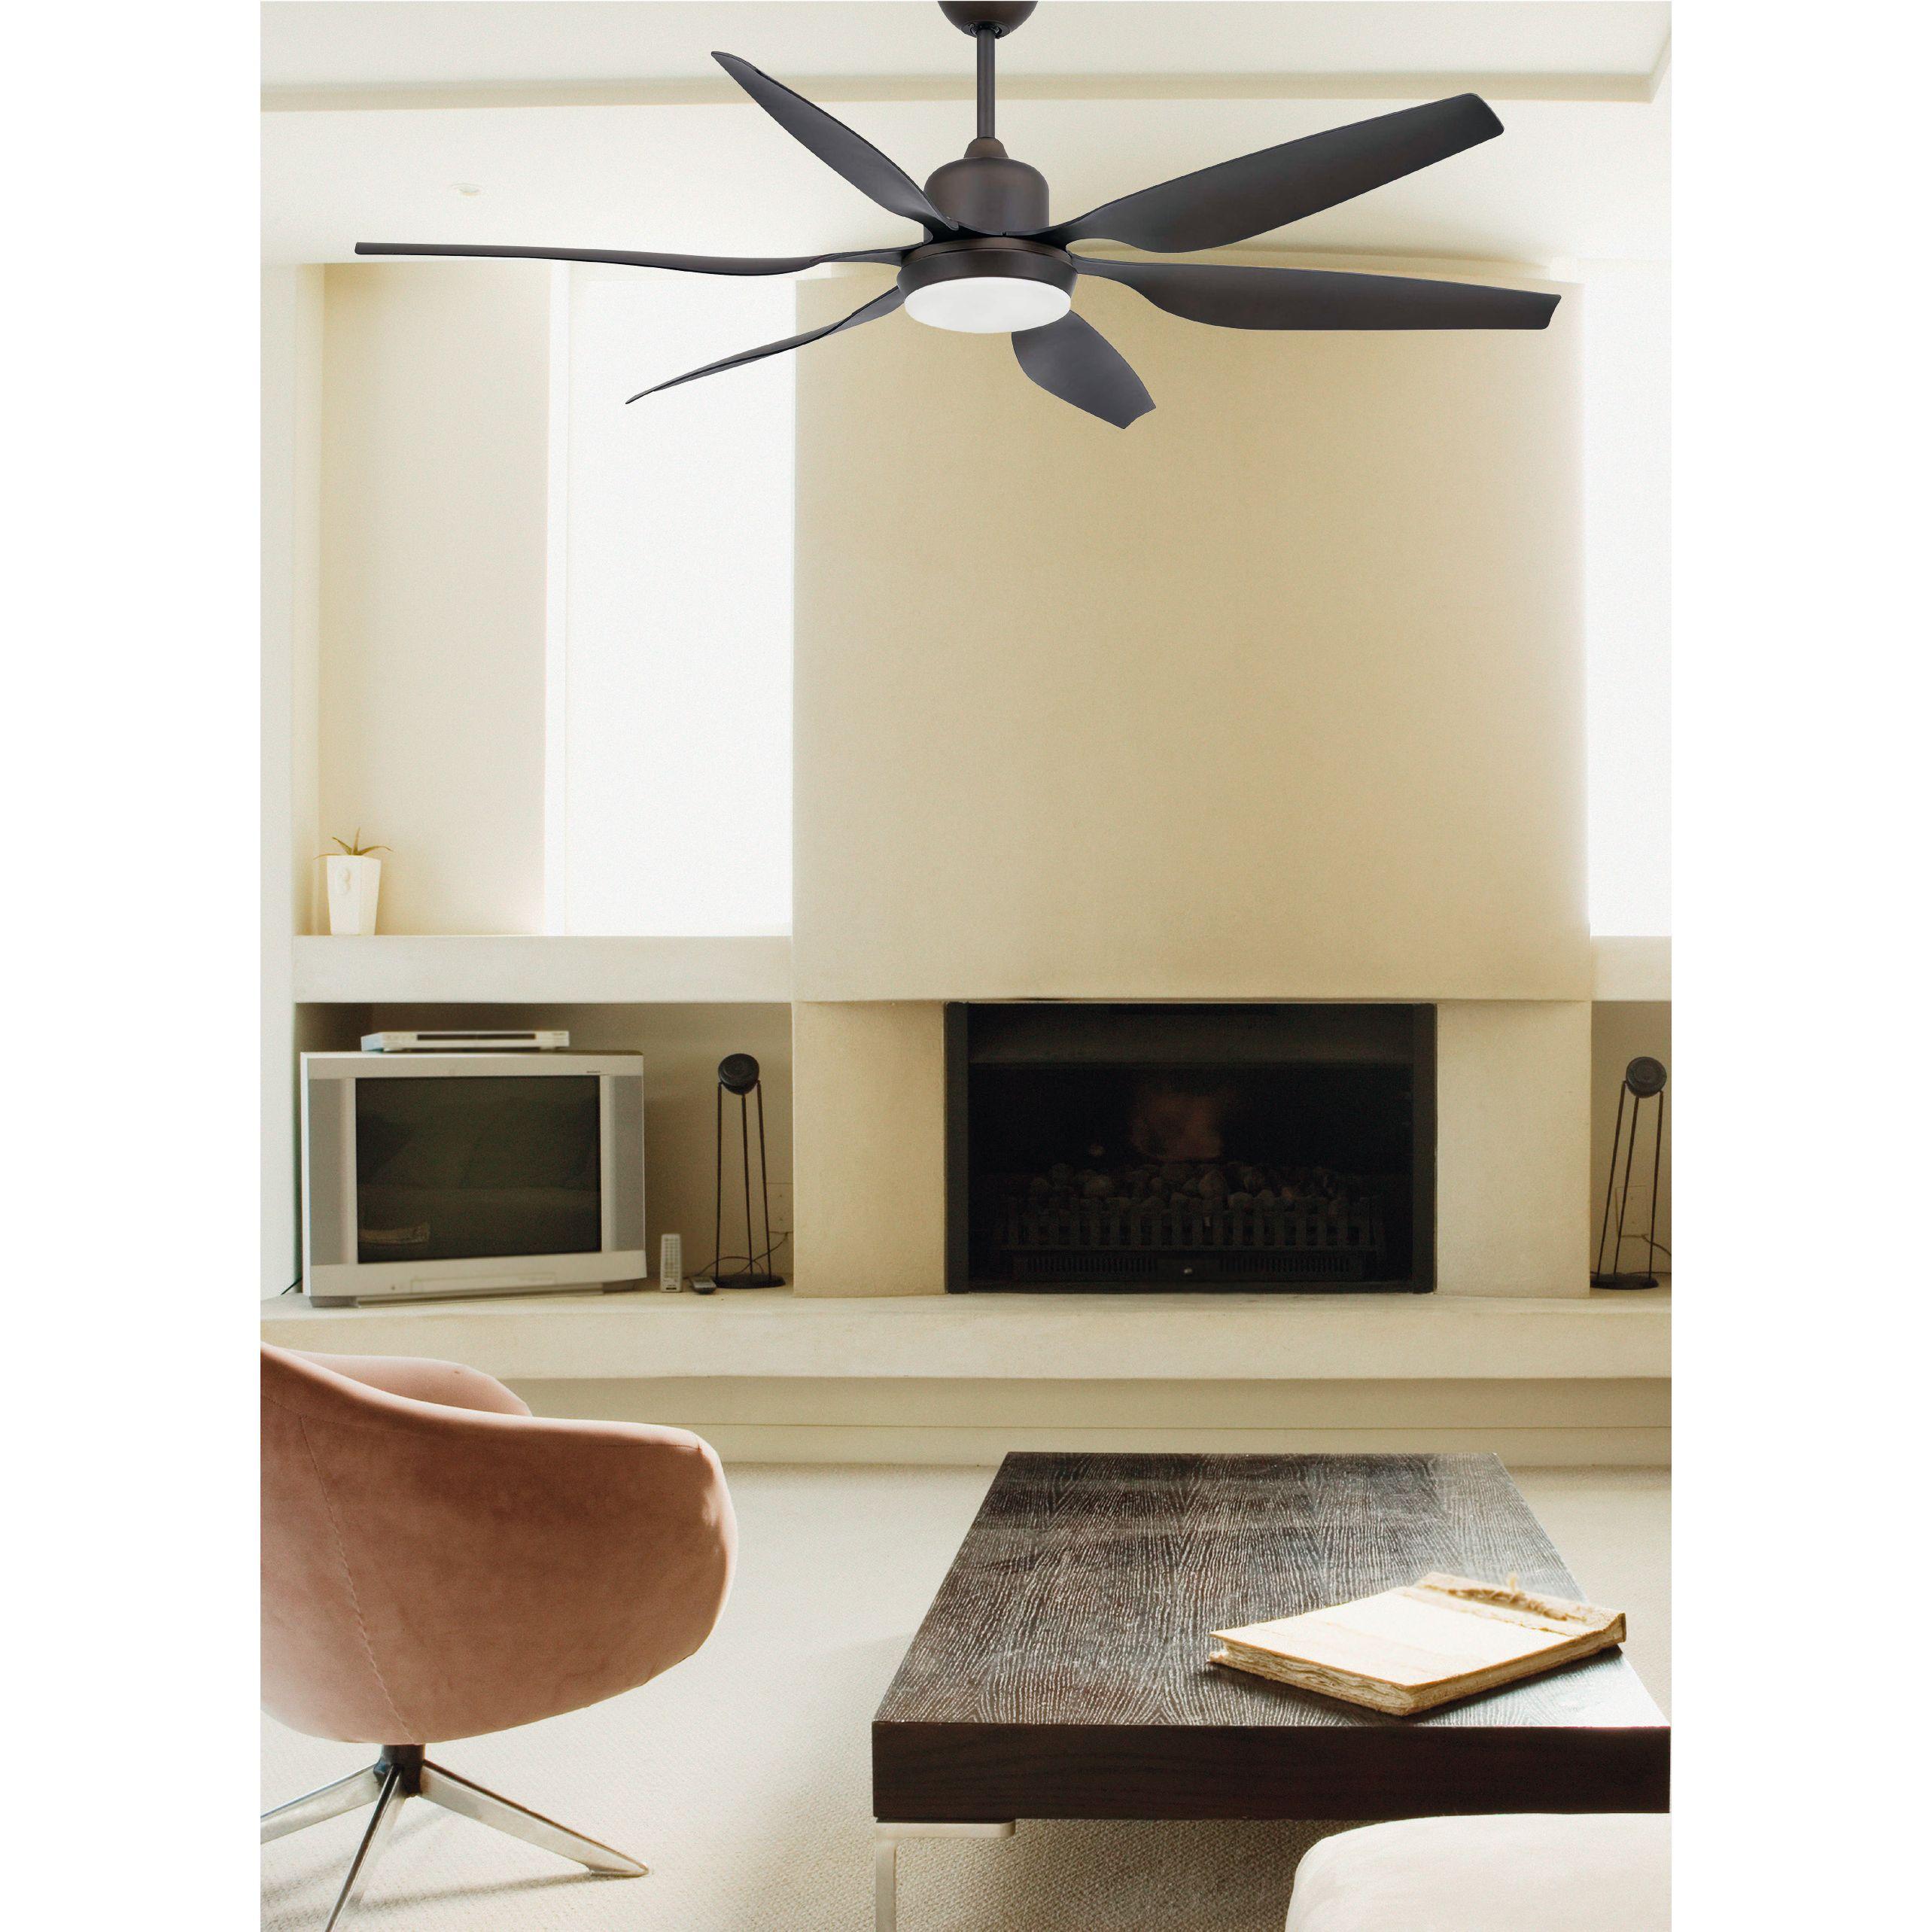 Las ventajas de tener un ventilador de techo ahorro